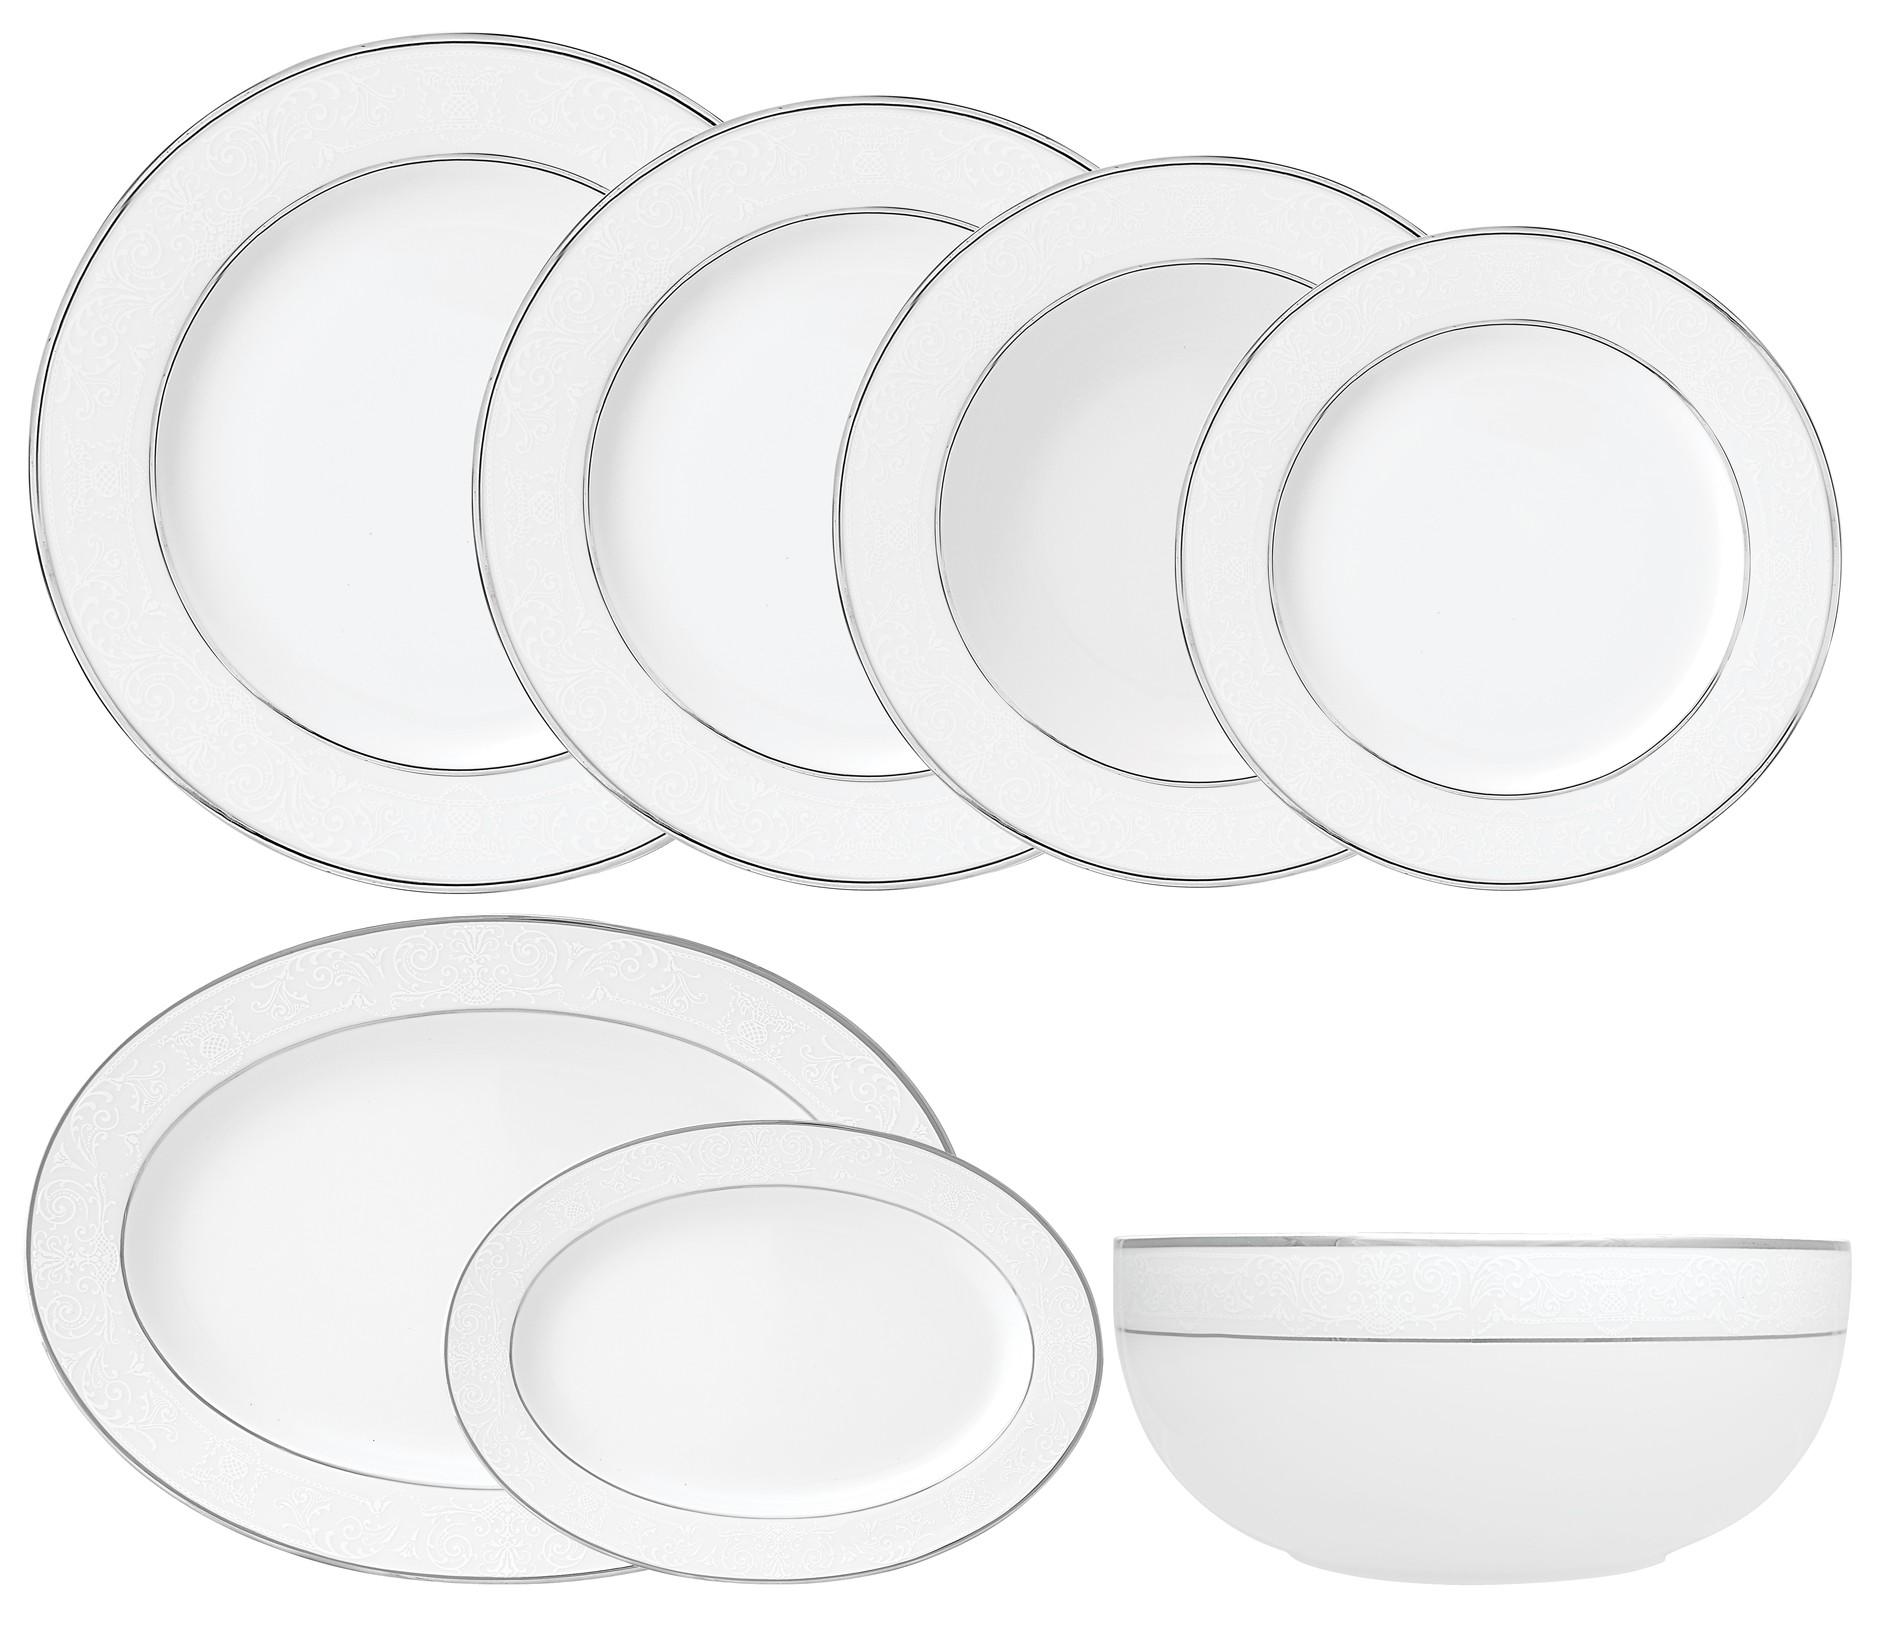 Σερβίτσιο Φαγητού Dantelle 42τμχ. Ionia home   ειδη σερβιρισματος   πιάτα